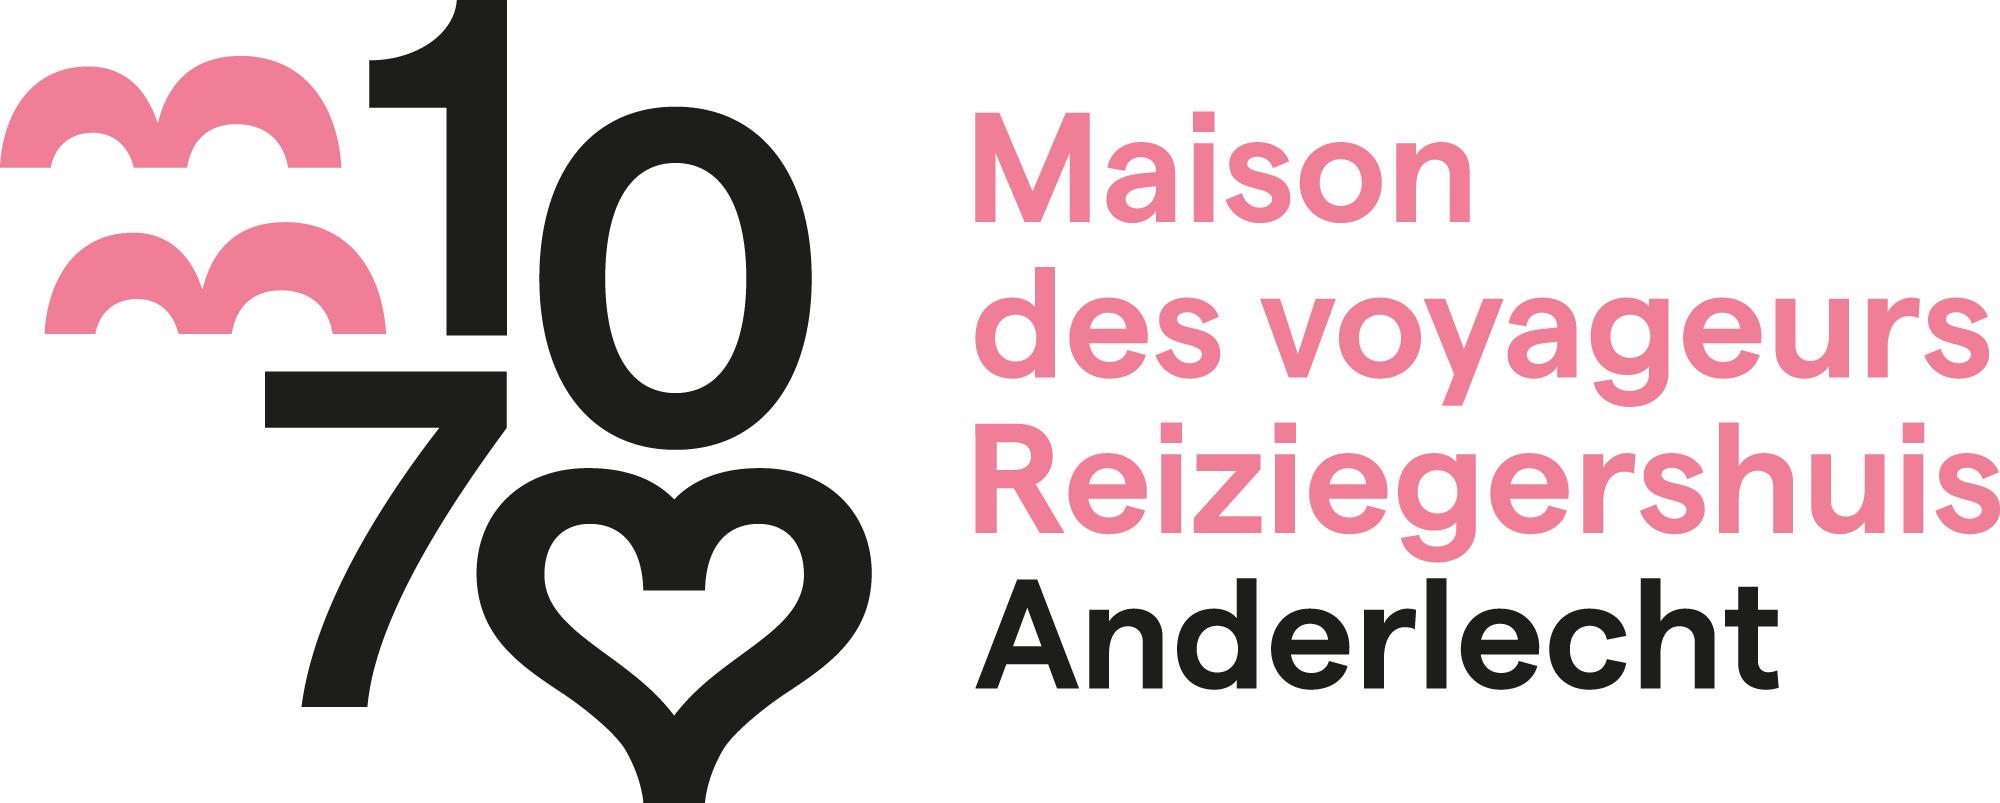 1070-logo-maison-des-voyageurs